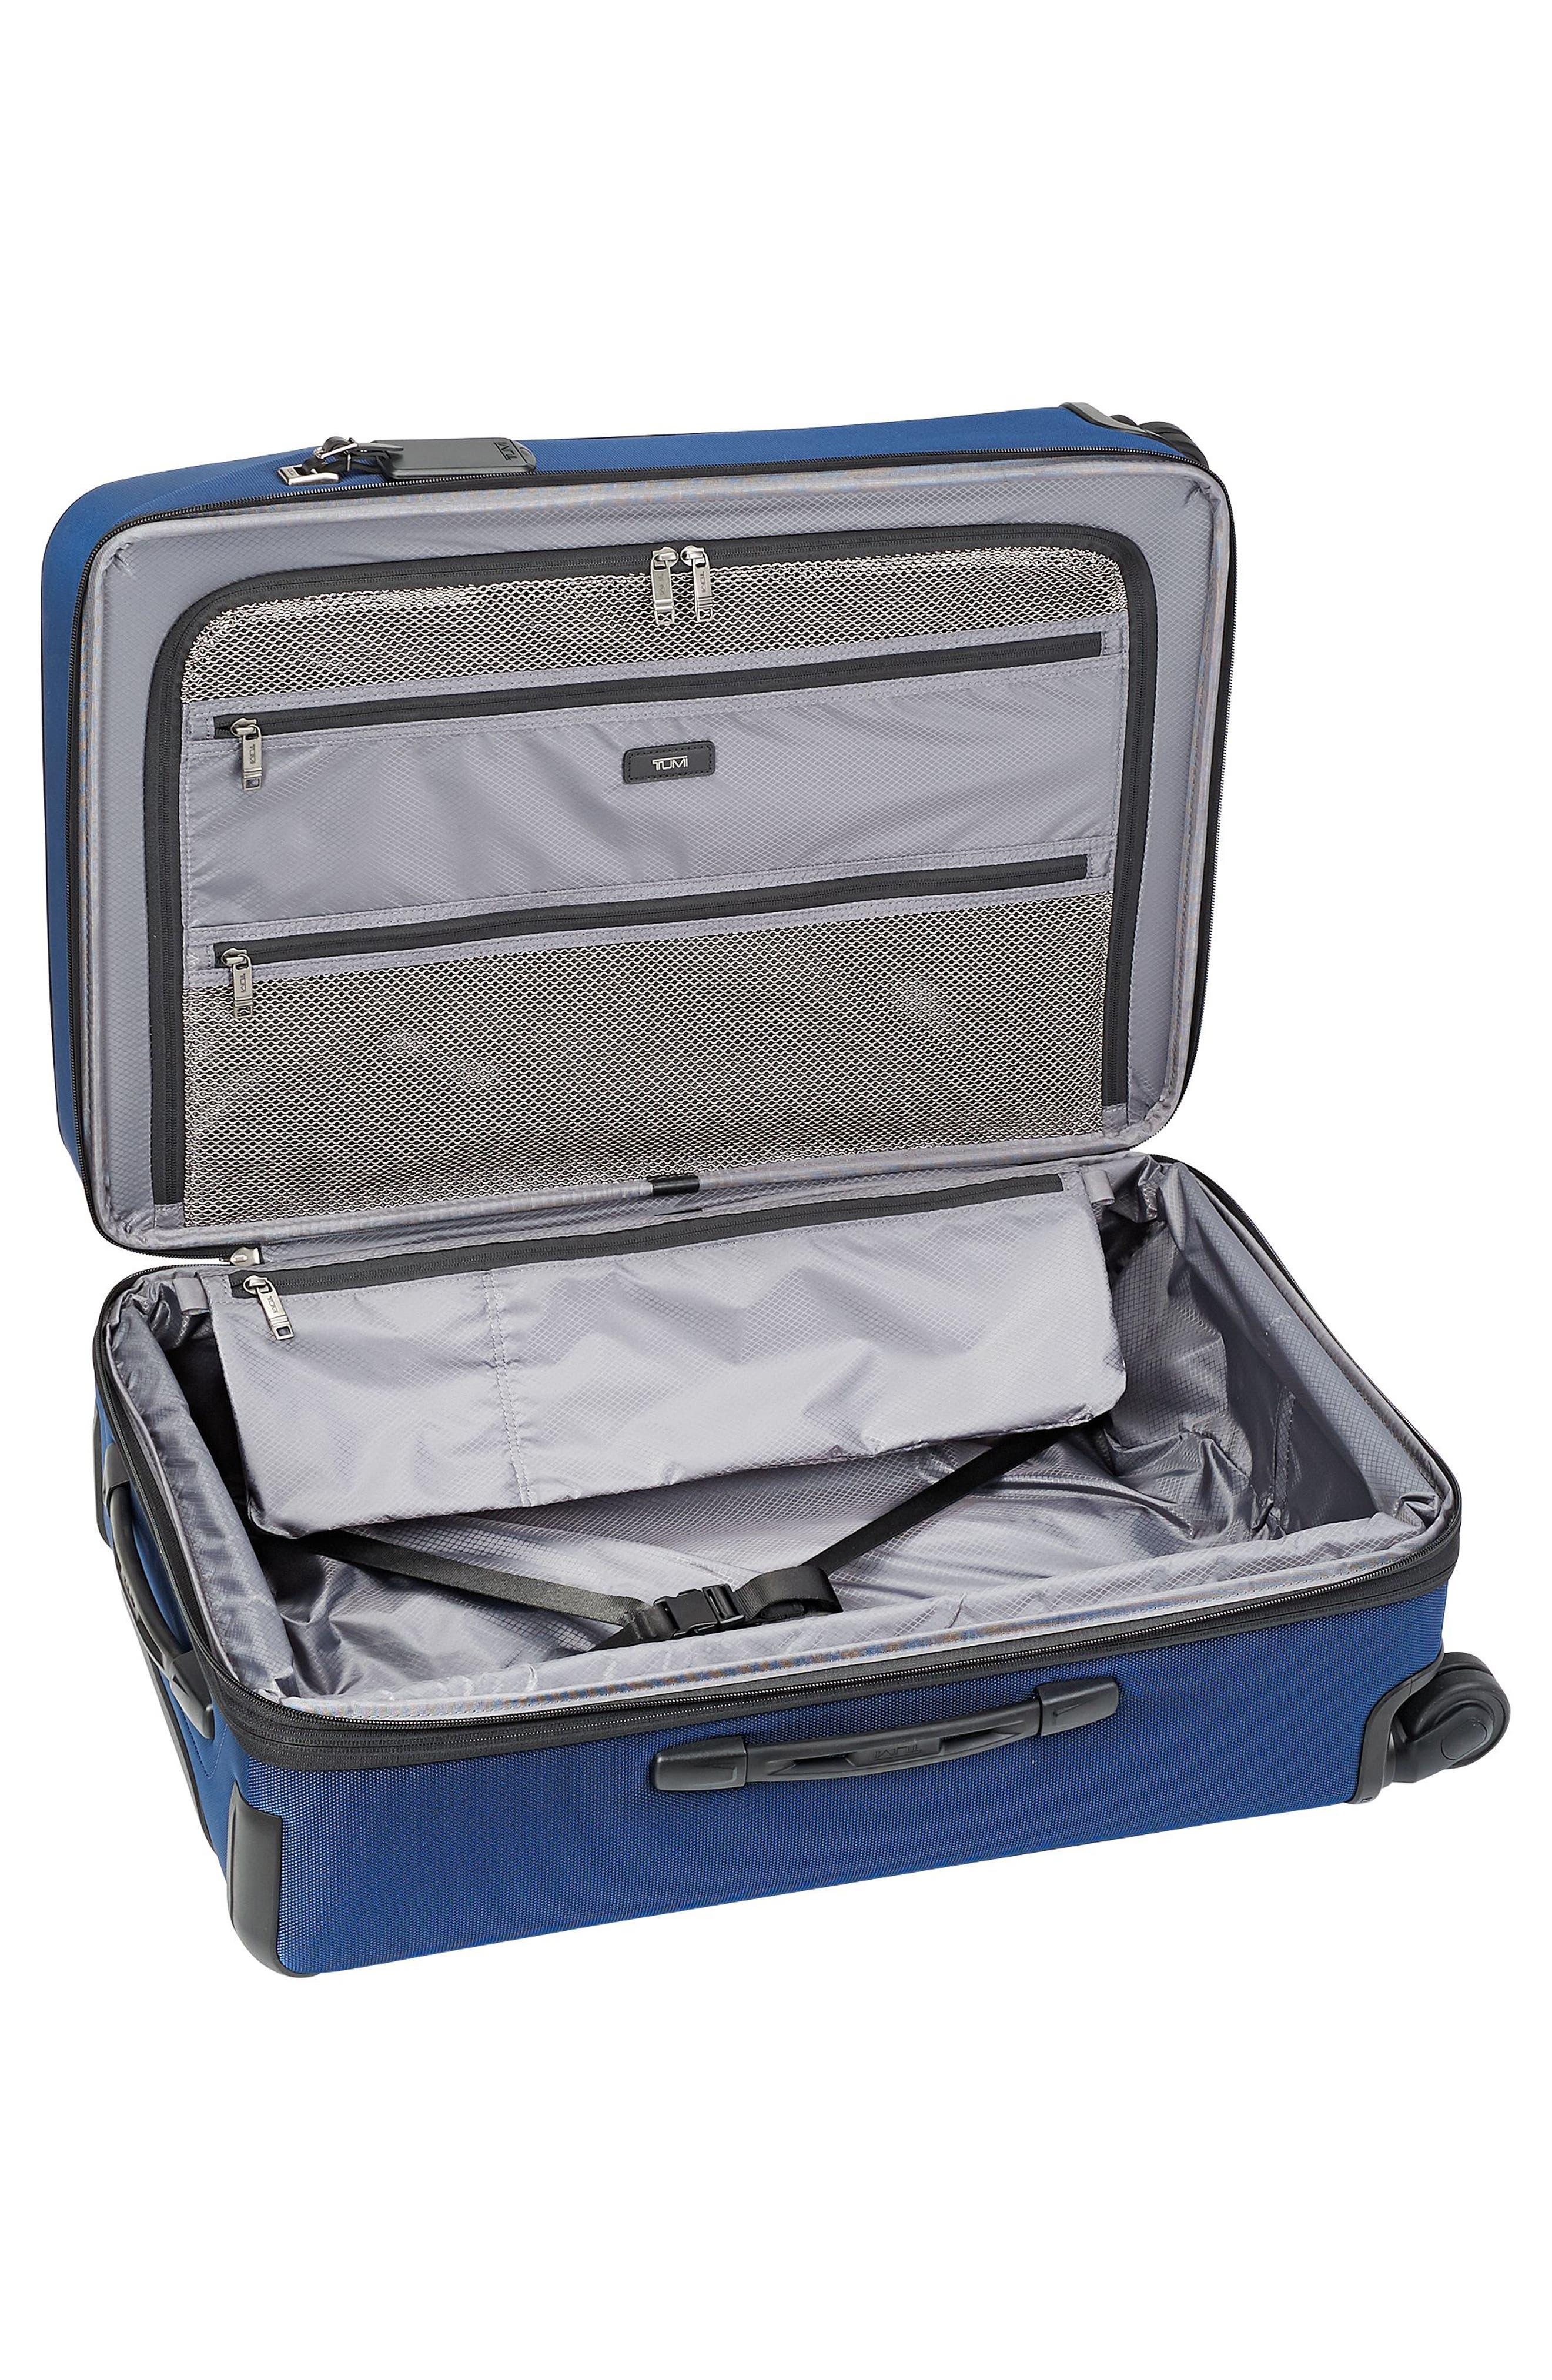 Merge - Short Trip Expandable Rolling Suitcase,                             Alternate thumbnail 2, color,                             OCEAN BLUE